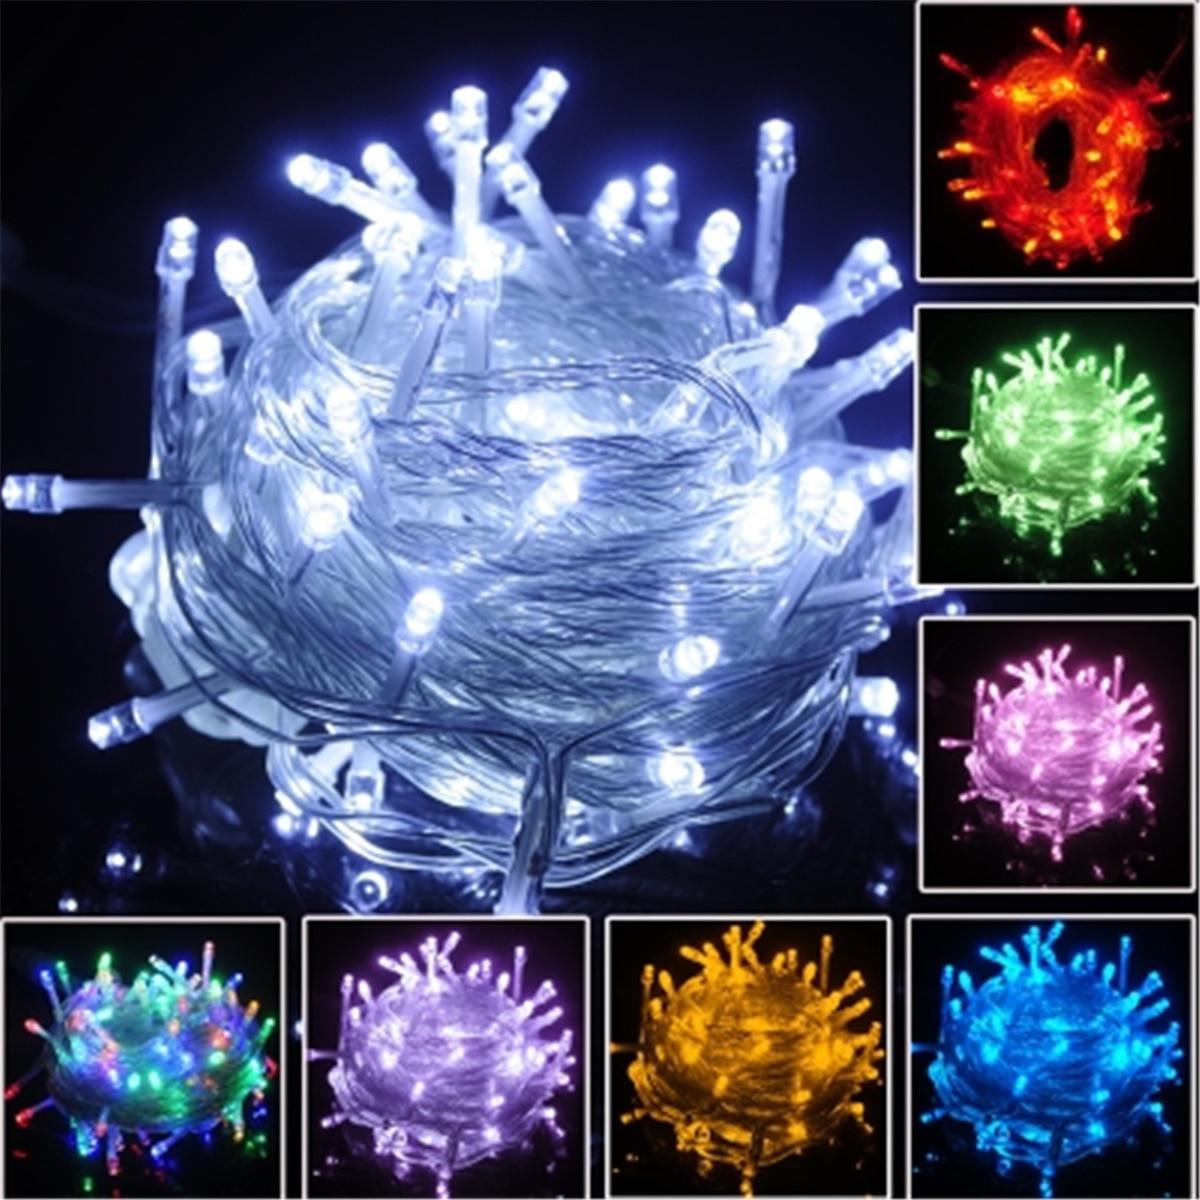 10 mt 220 v LED Licht Strap Lampe Weiß Wasserdicht Für Home Garten Weihnachten Dekoration Outdoor Indoor Decor Weihnachten Baum ornament